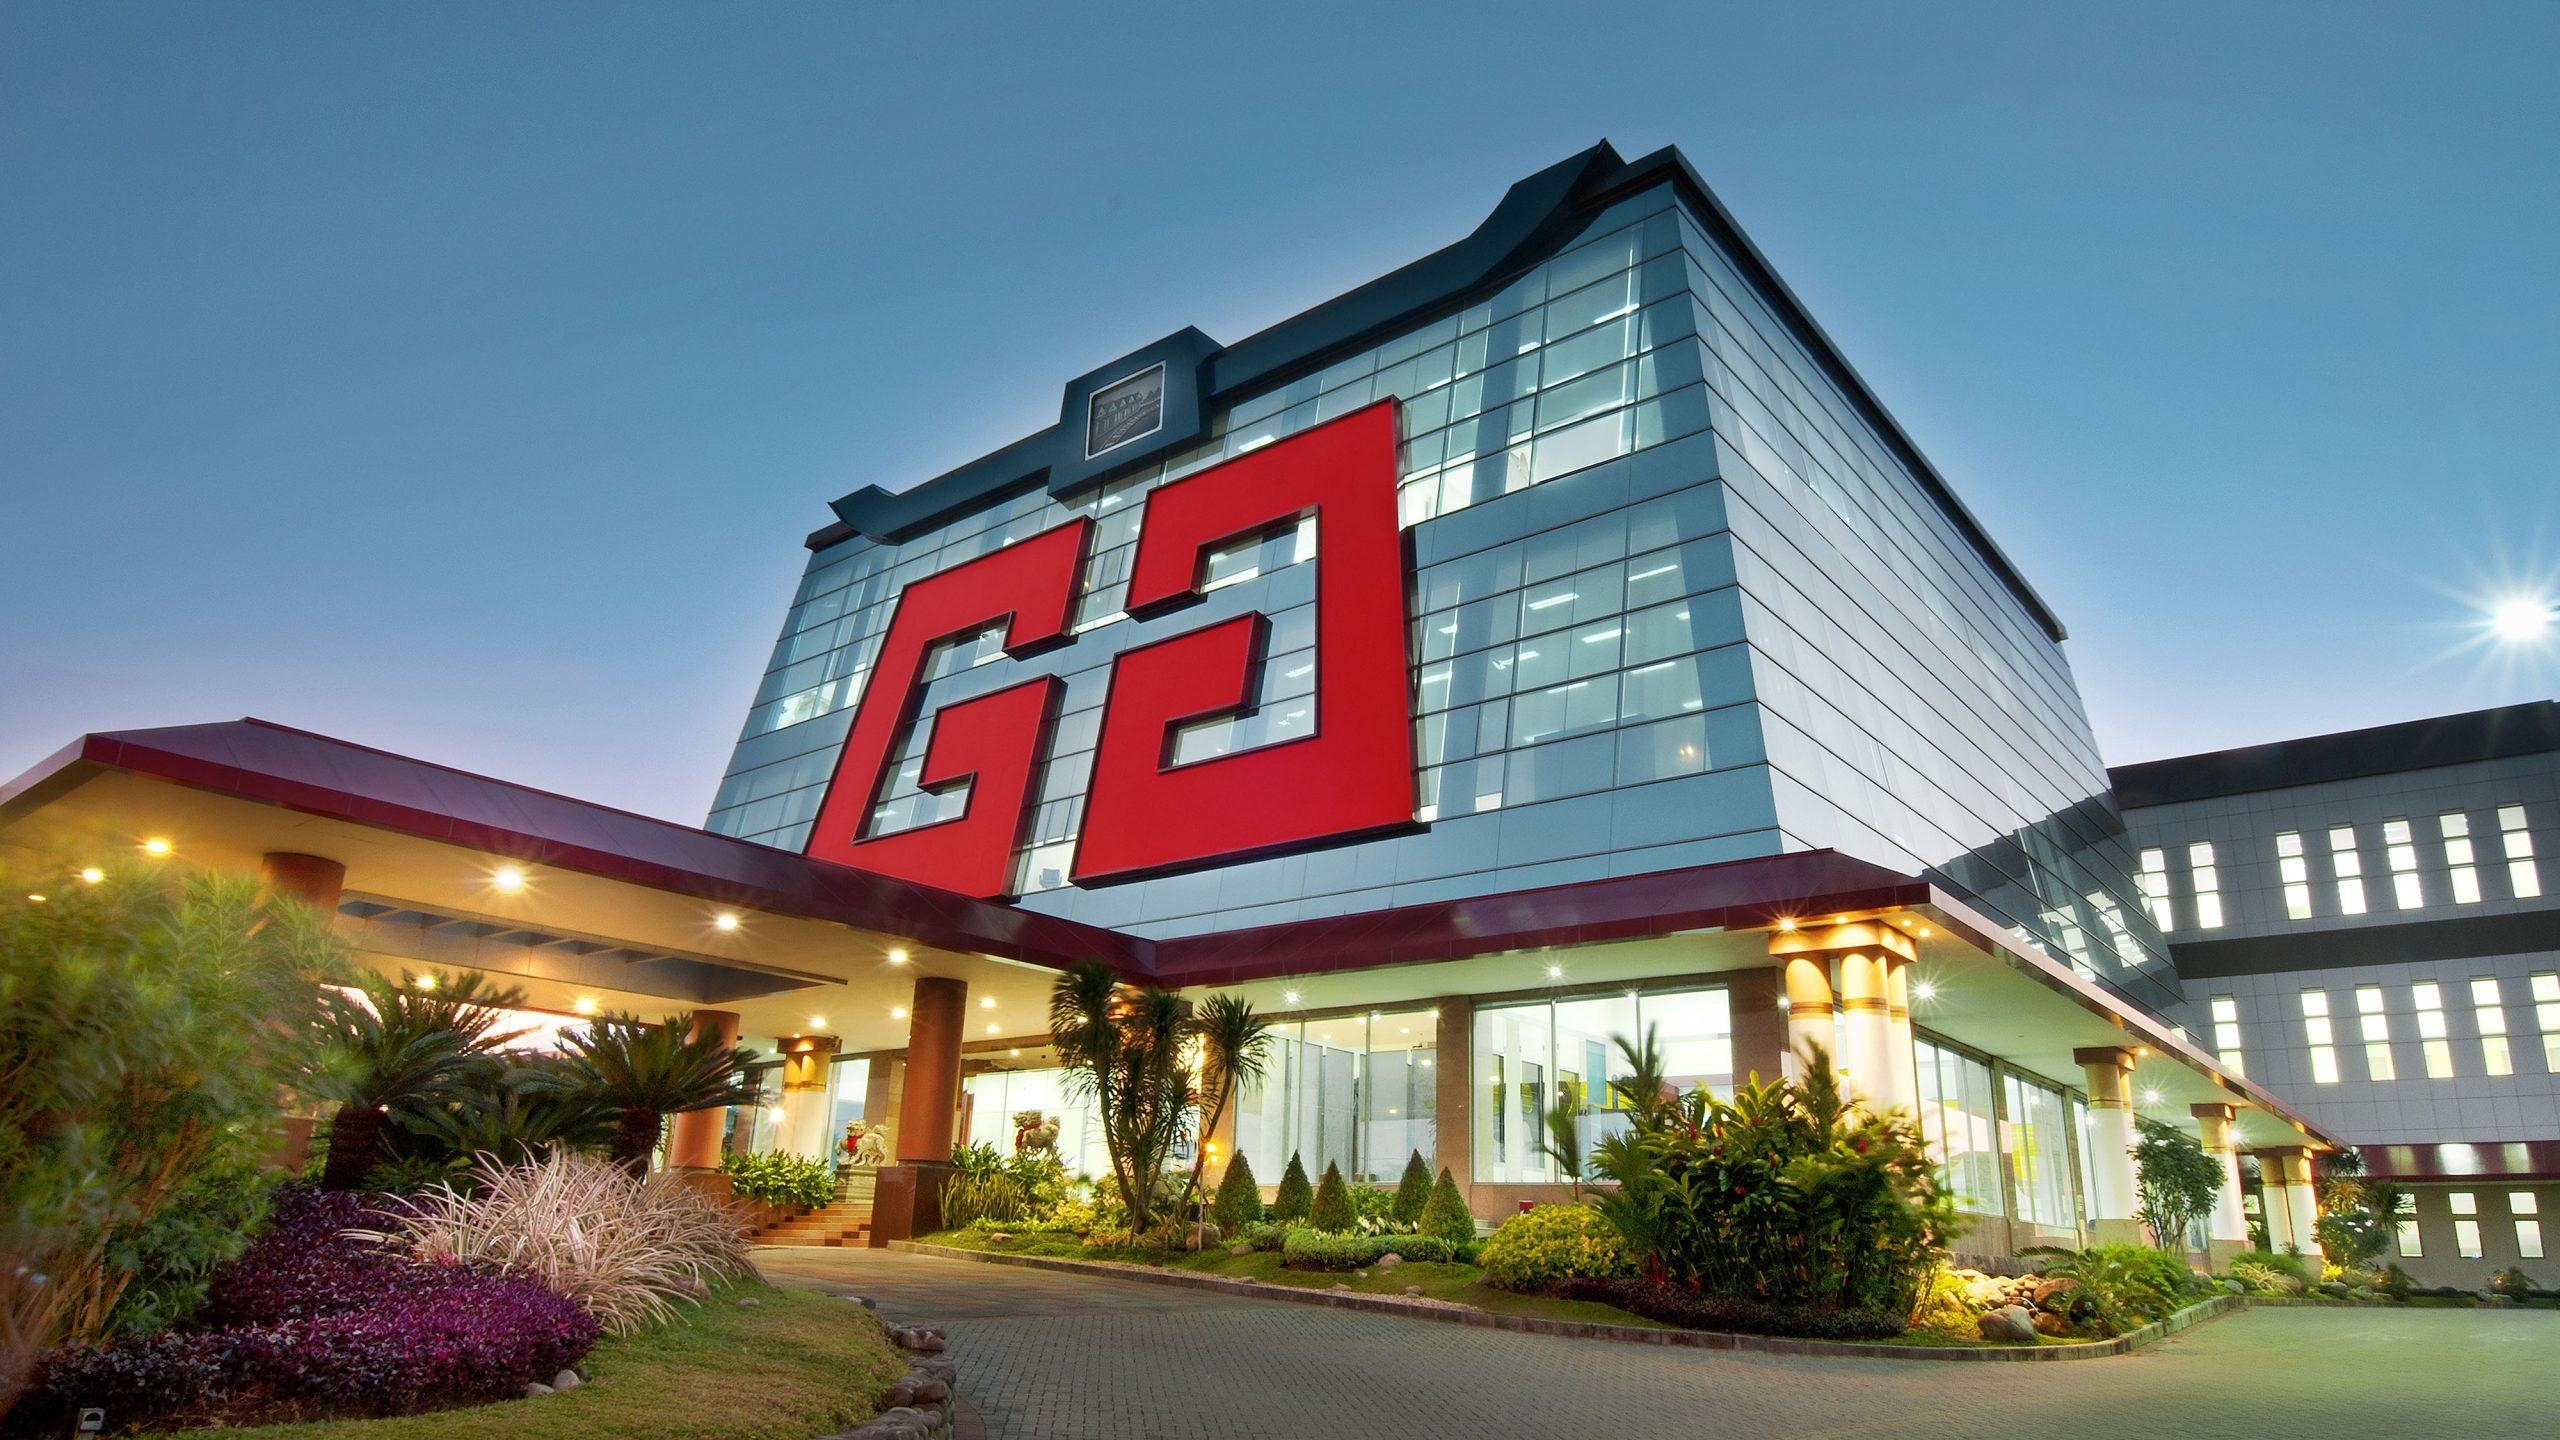 Kantor pusat perusahaan PT Gudang Garam di Kediri © Kediripedia.com